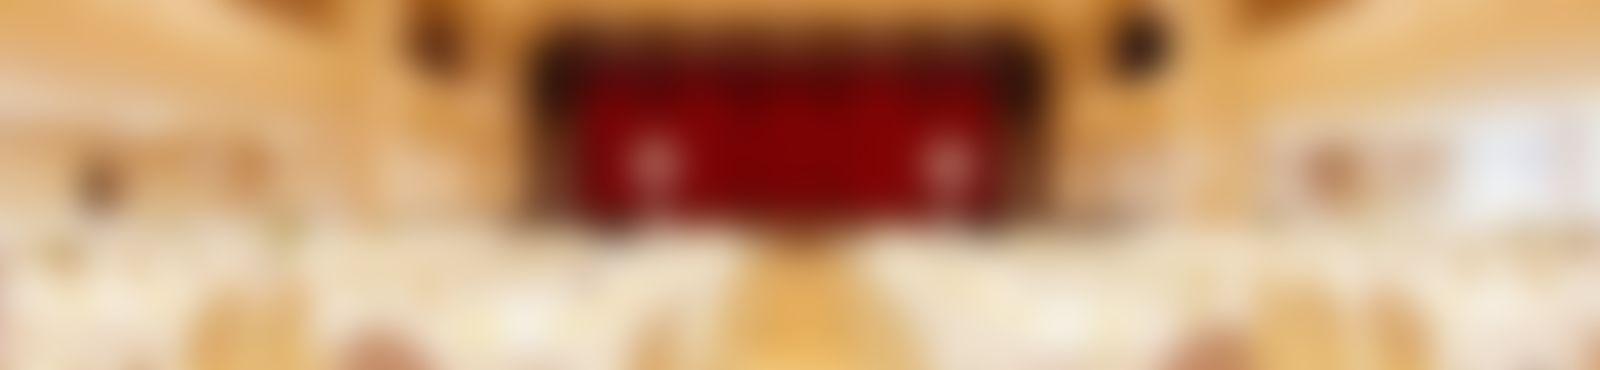 Blurred 10981308 976159129068933 4709776199426159757 o